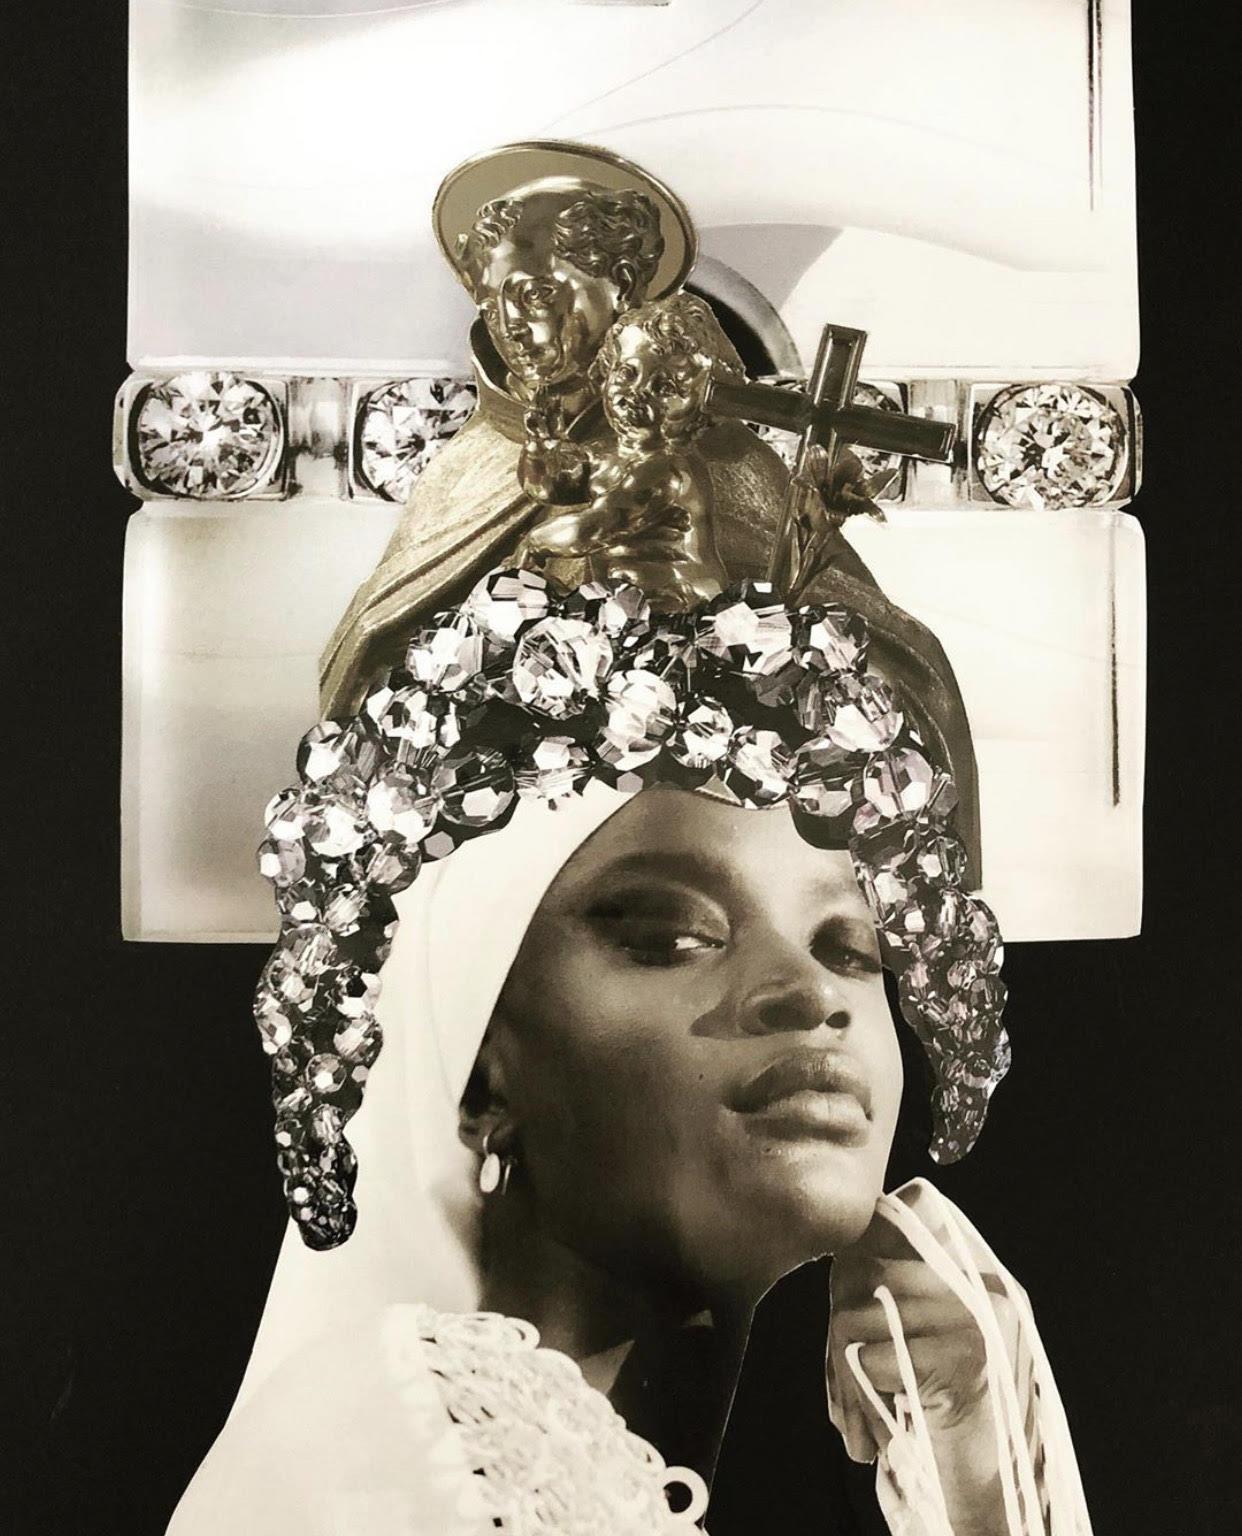 colagem em preto e branco traz mulher negra e joias em sua cabeça